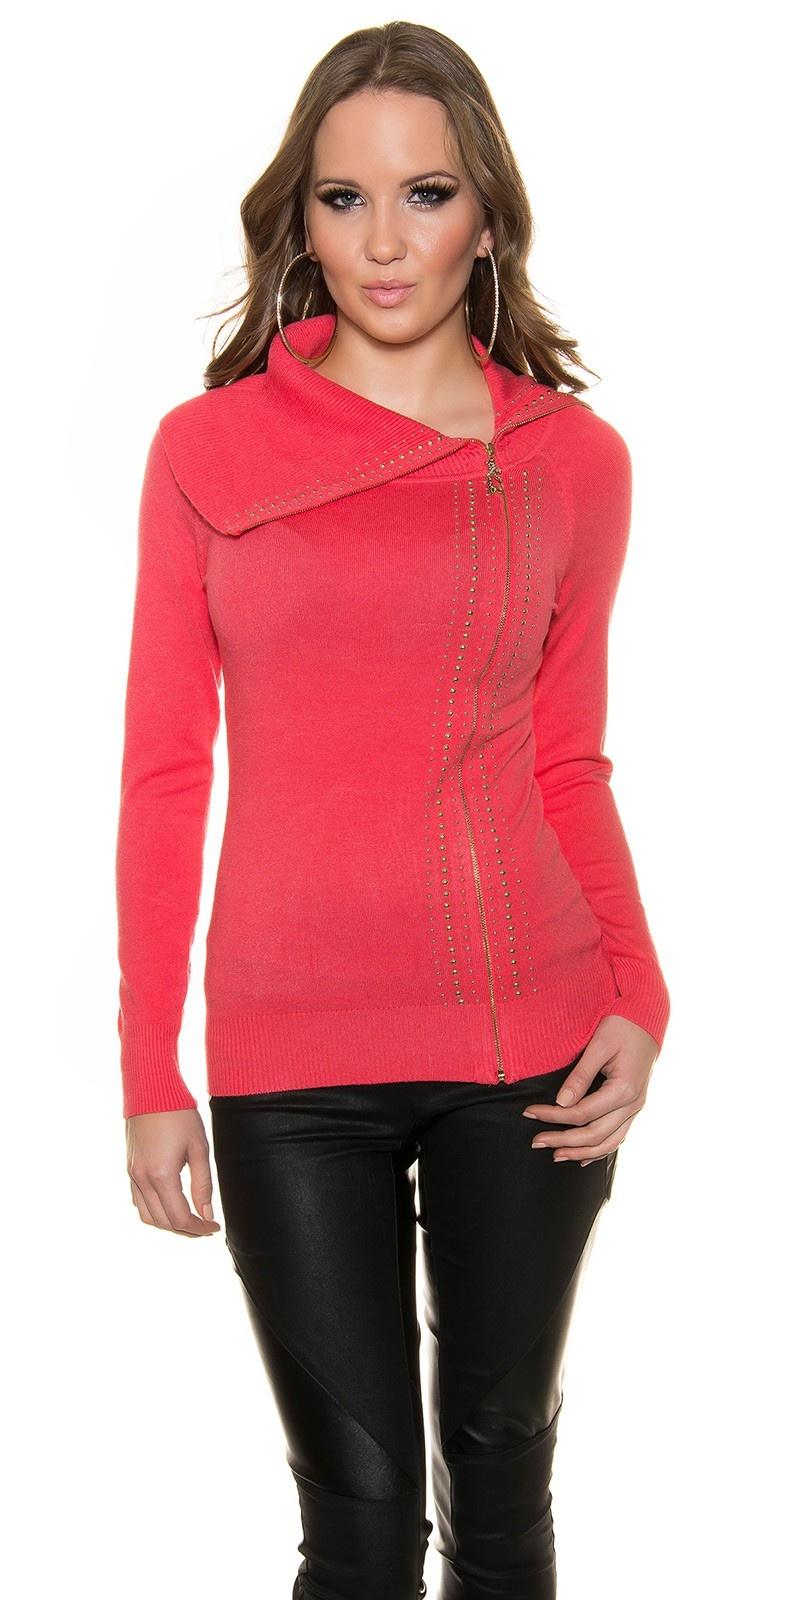 Trendy col-pullover koraal-kleurig